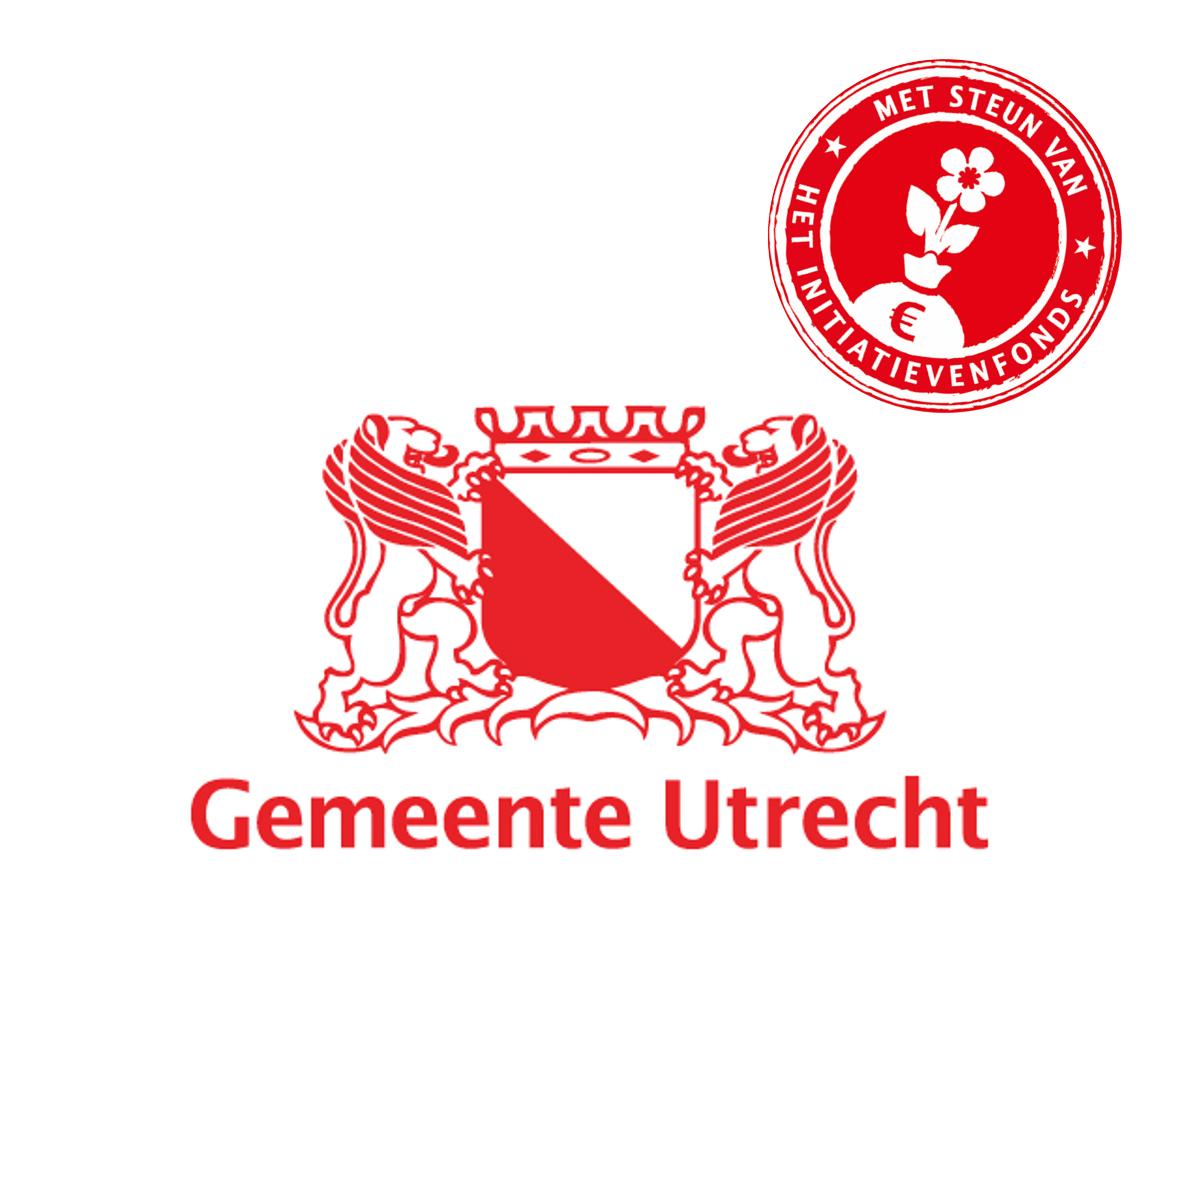 Gemeente Utrecht Initiatievenfonds